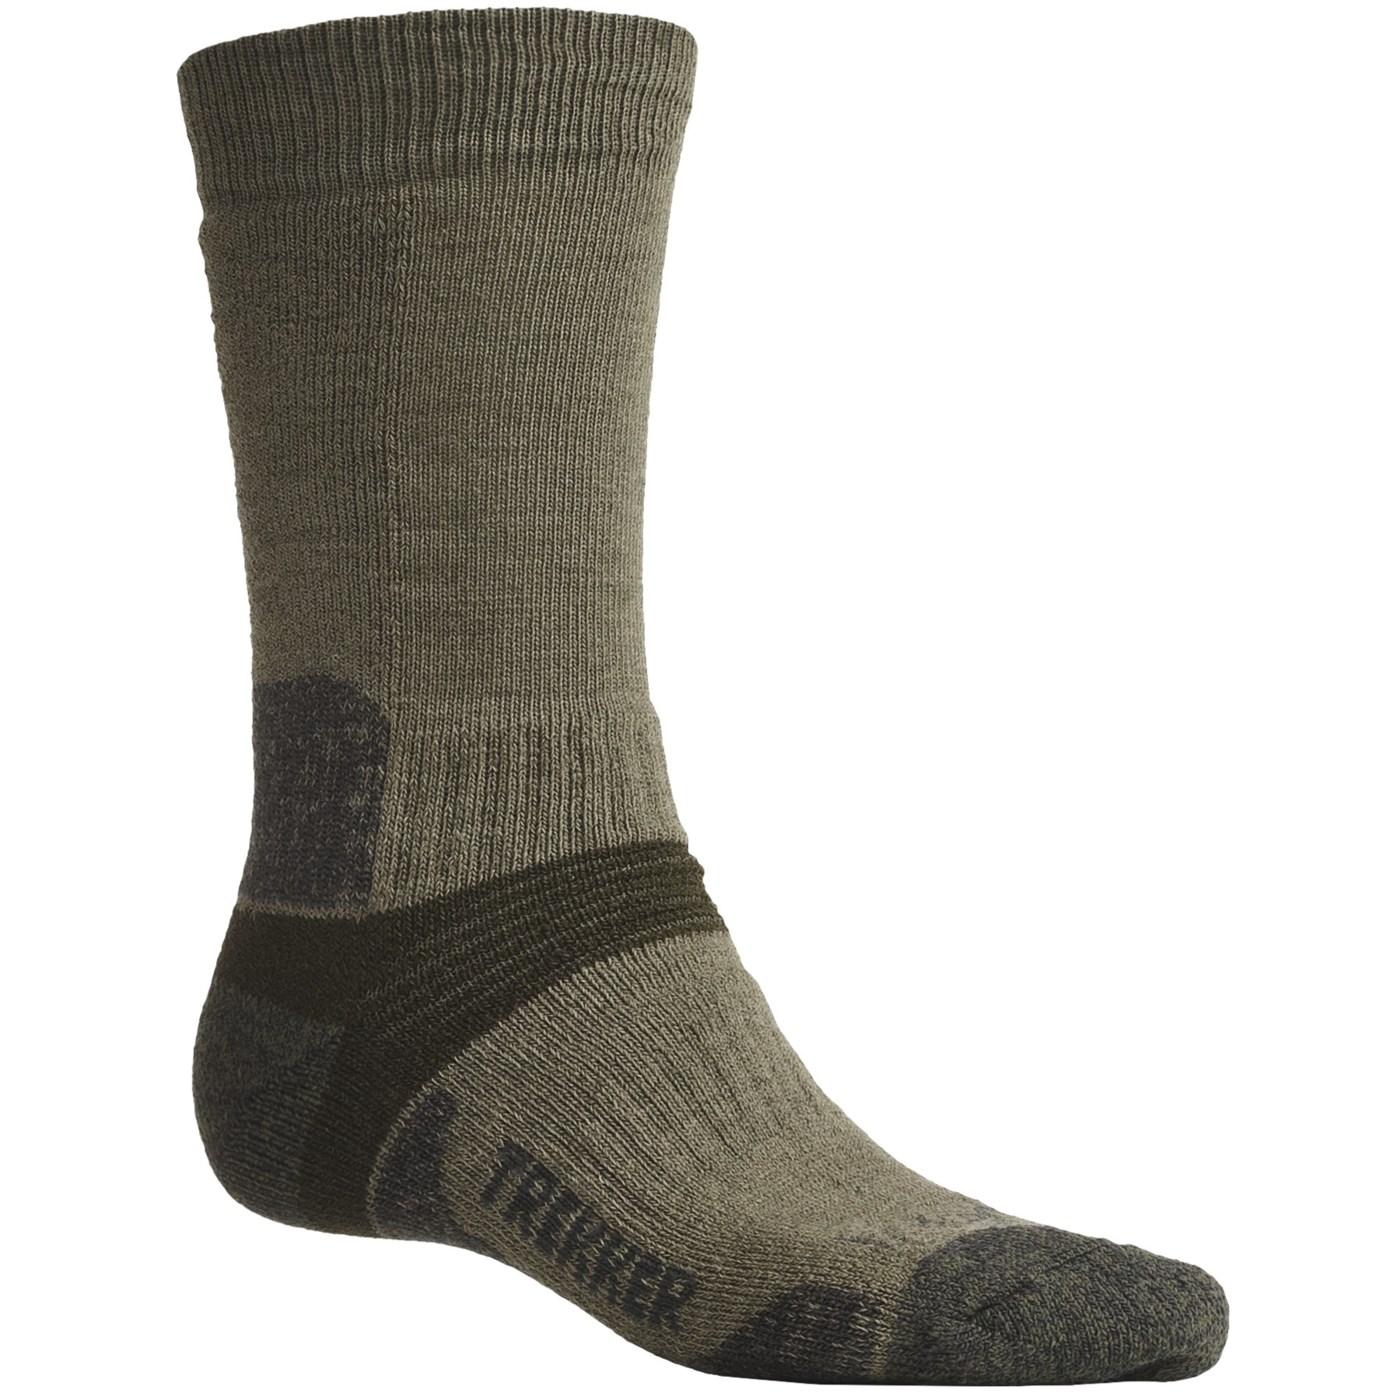 Bridgedale Trekking Socks (For Men and Women) 11243 77